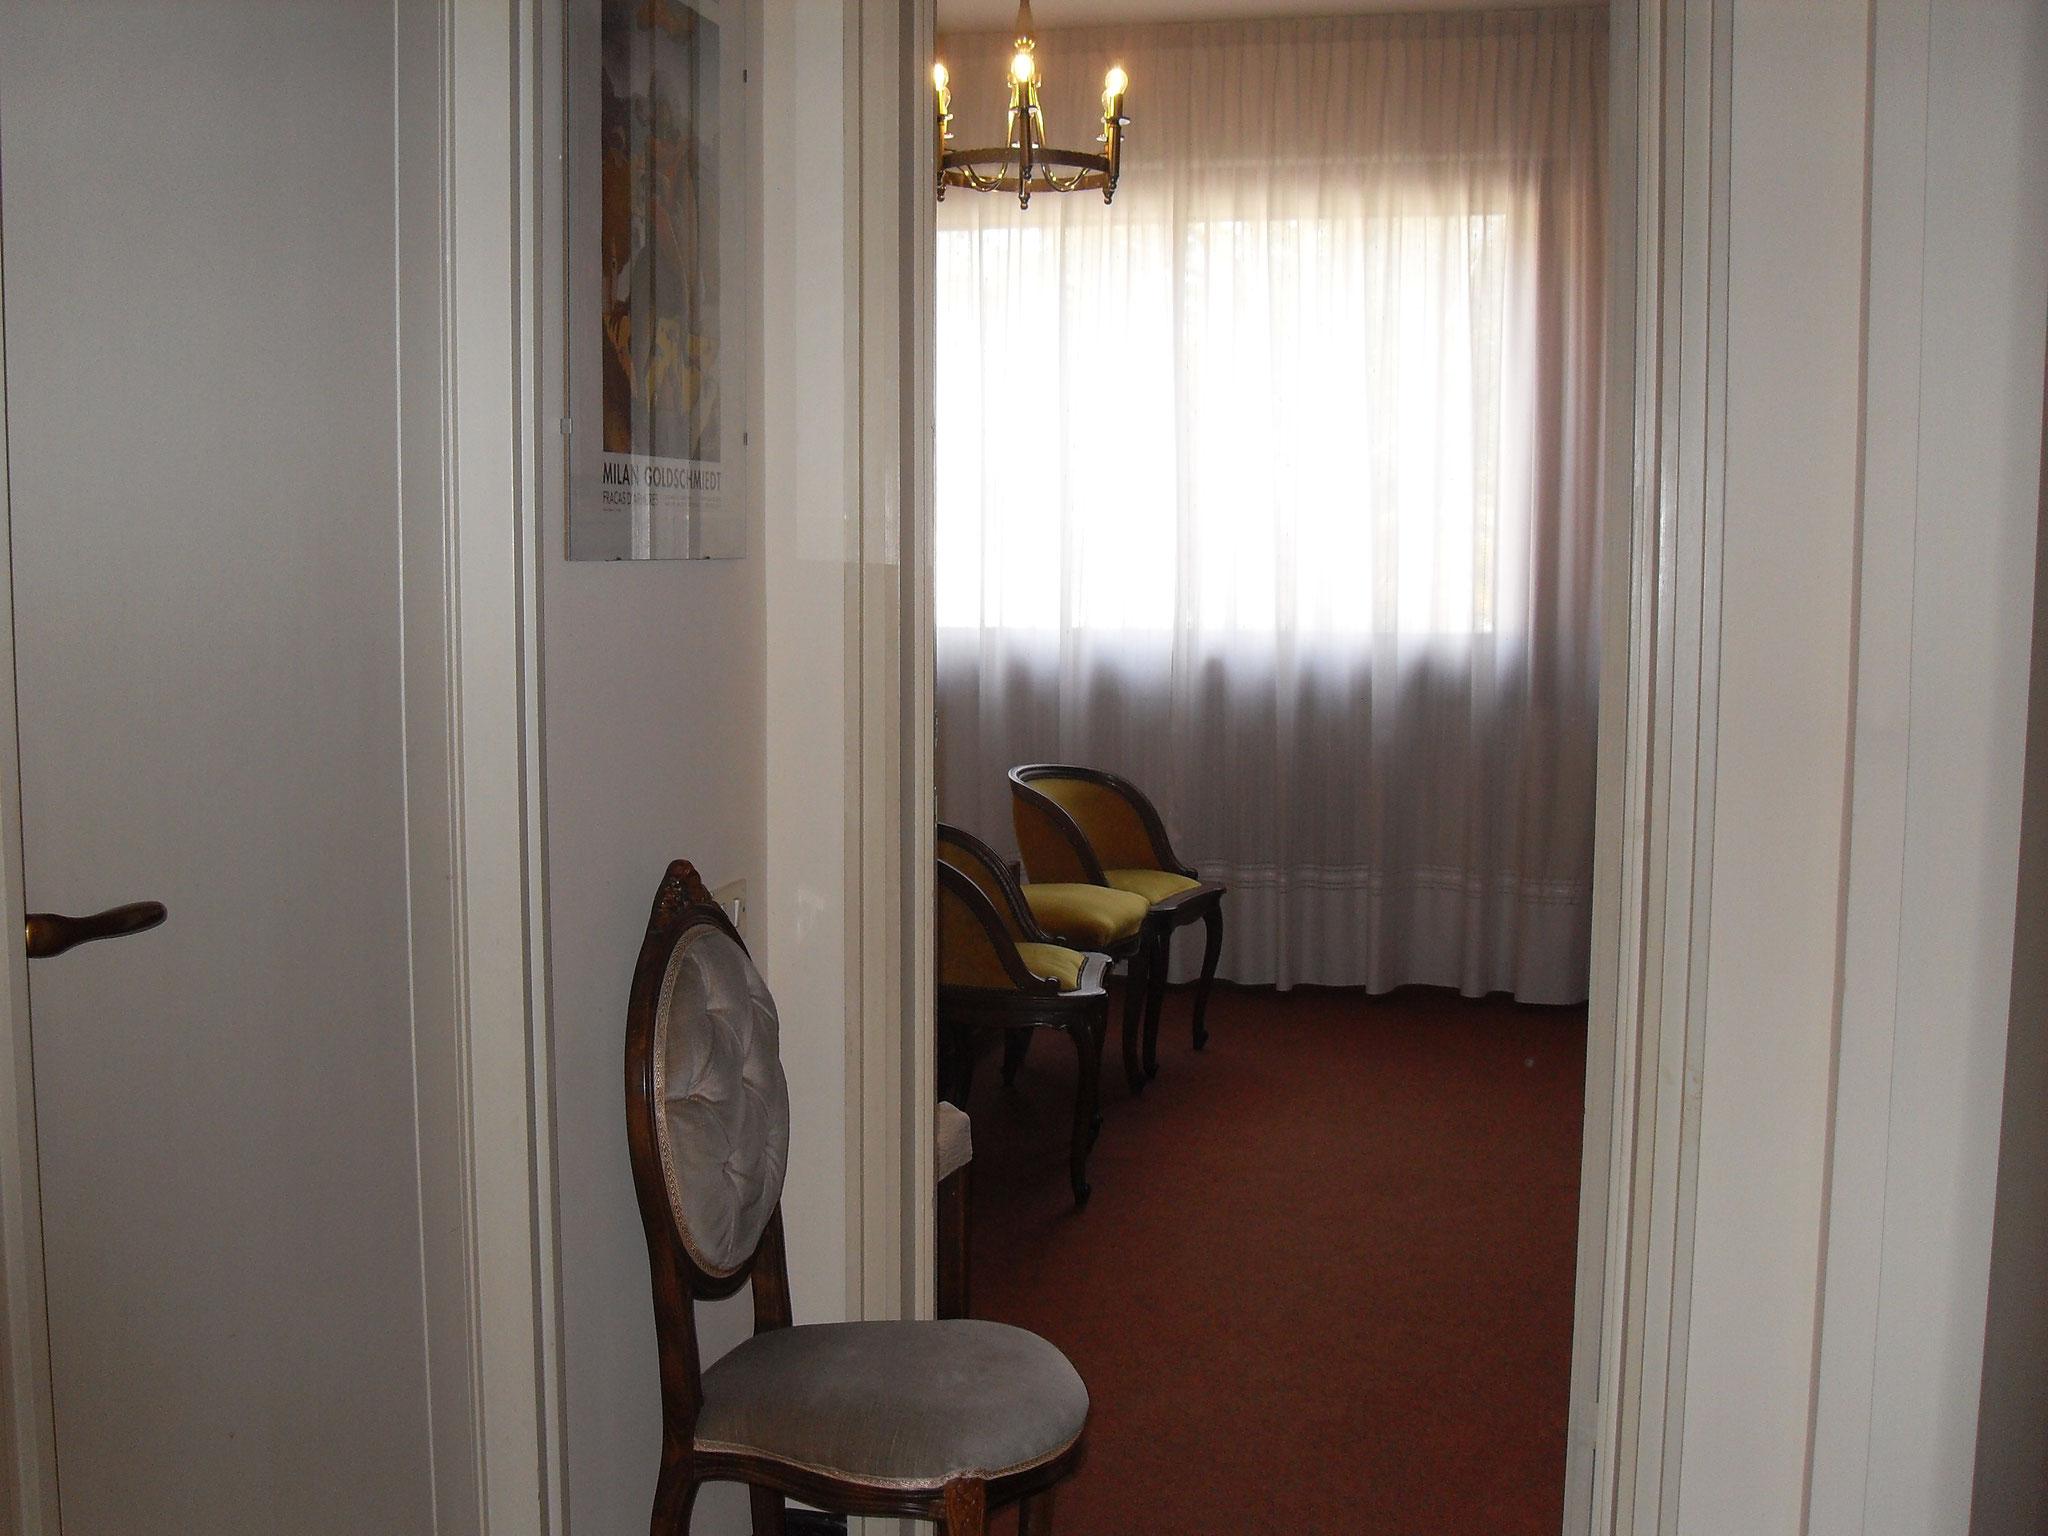 Corridoio anticamera a sinistra il bagno.